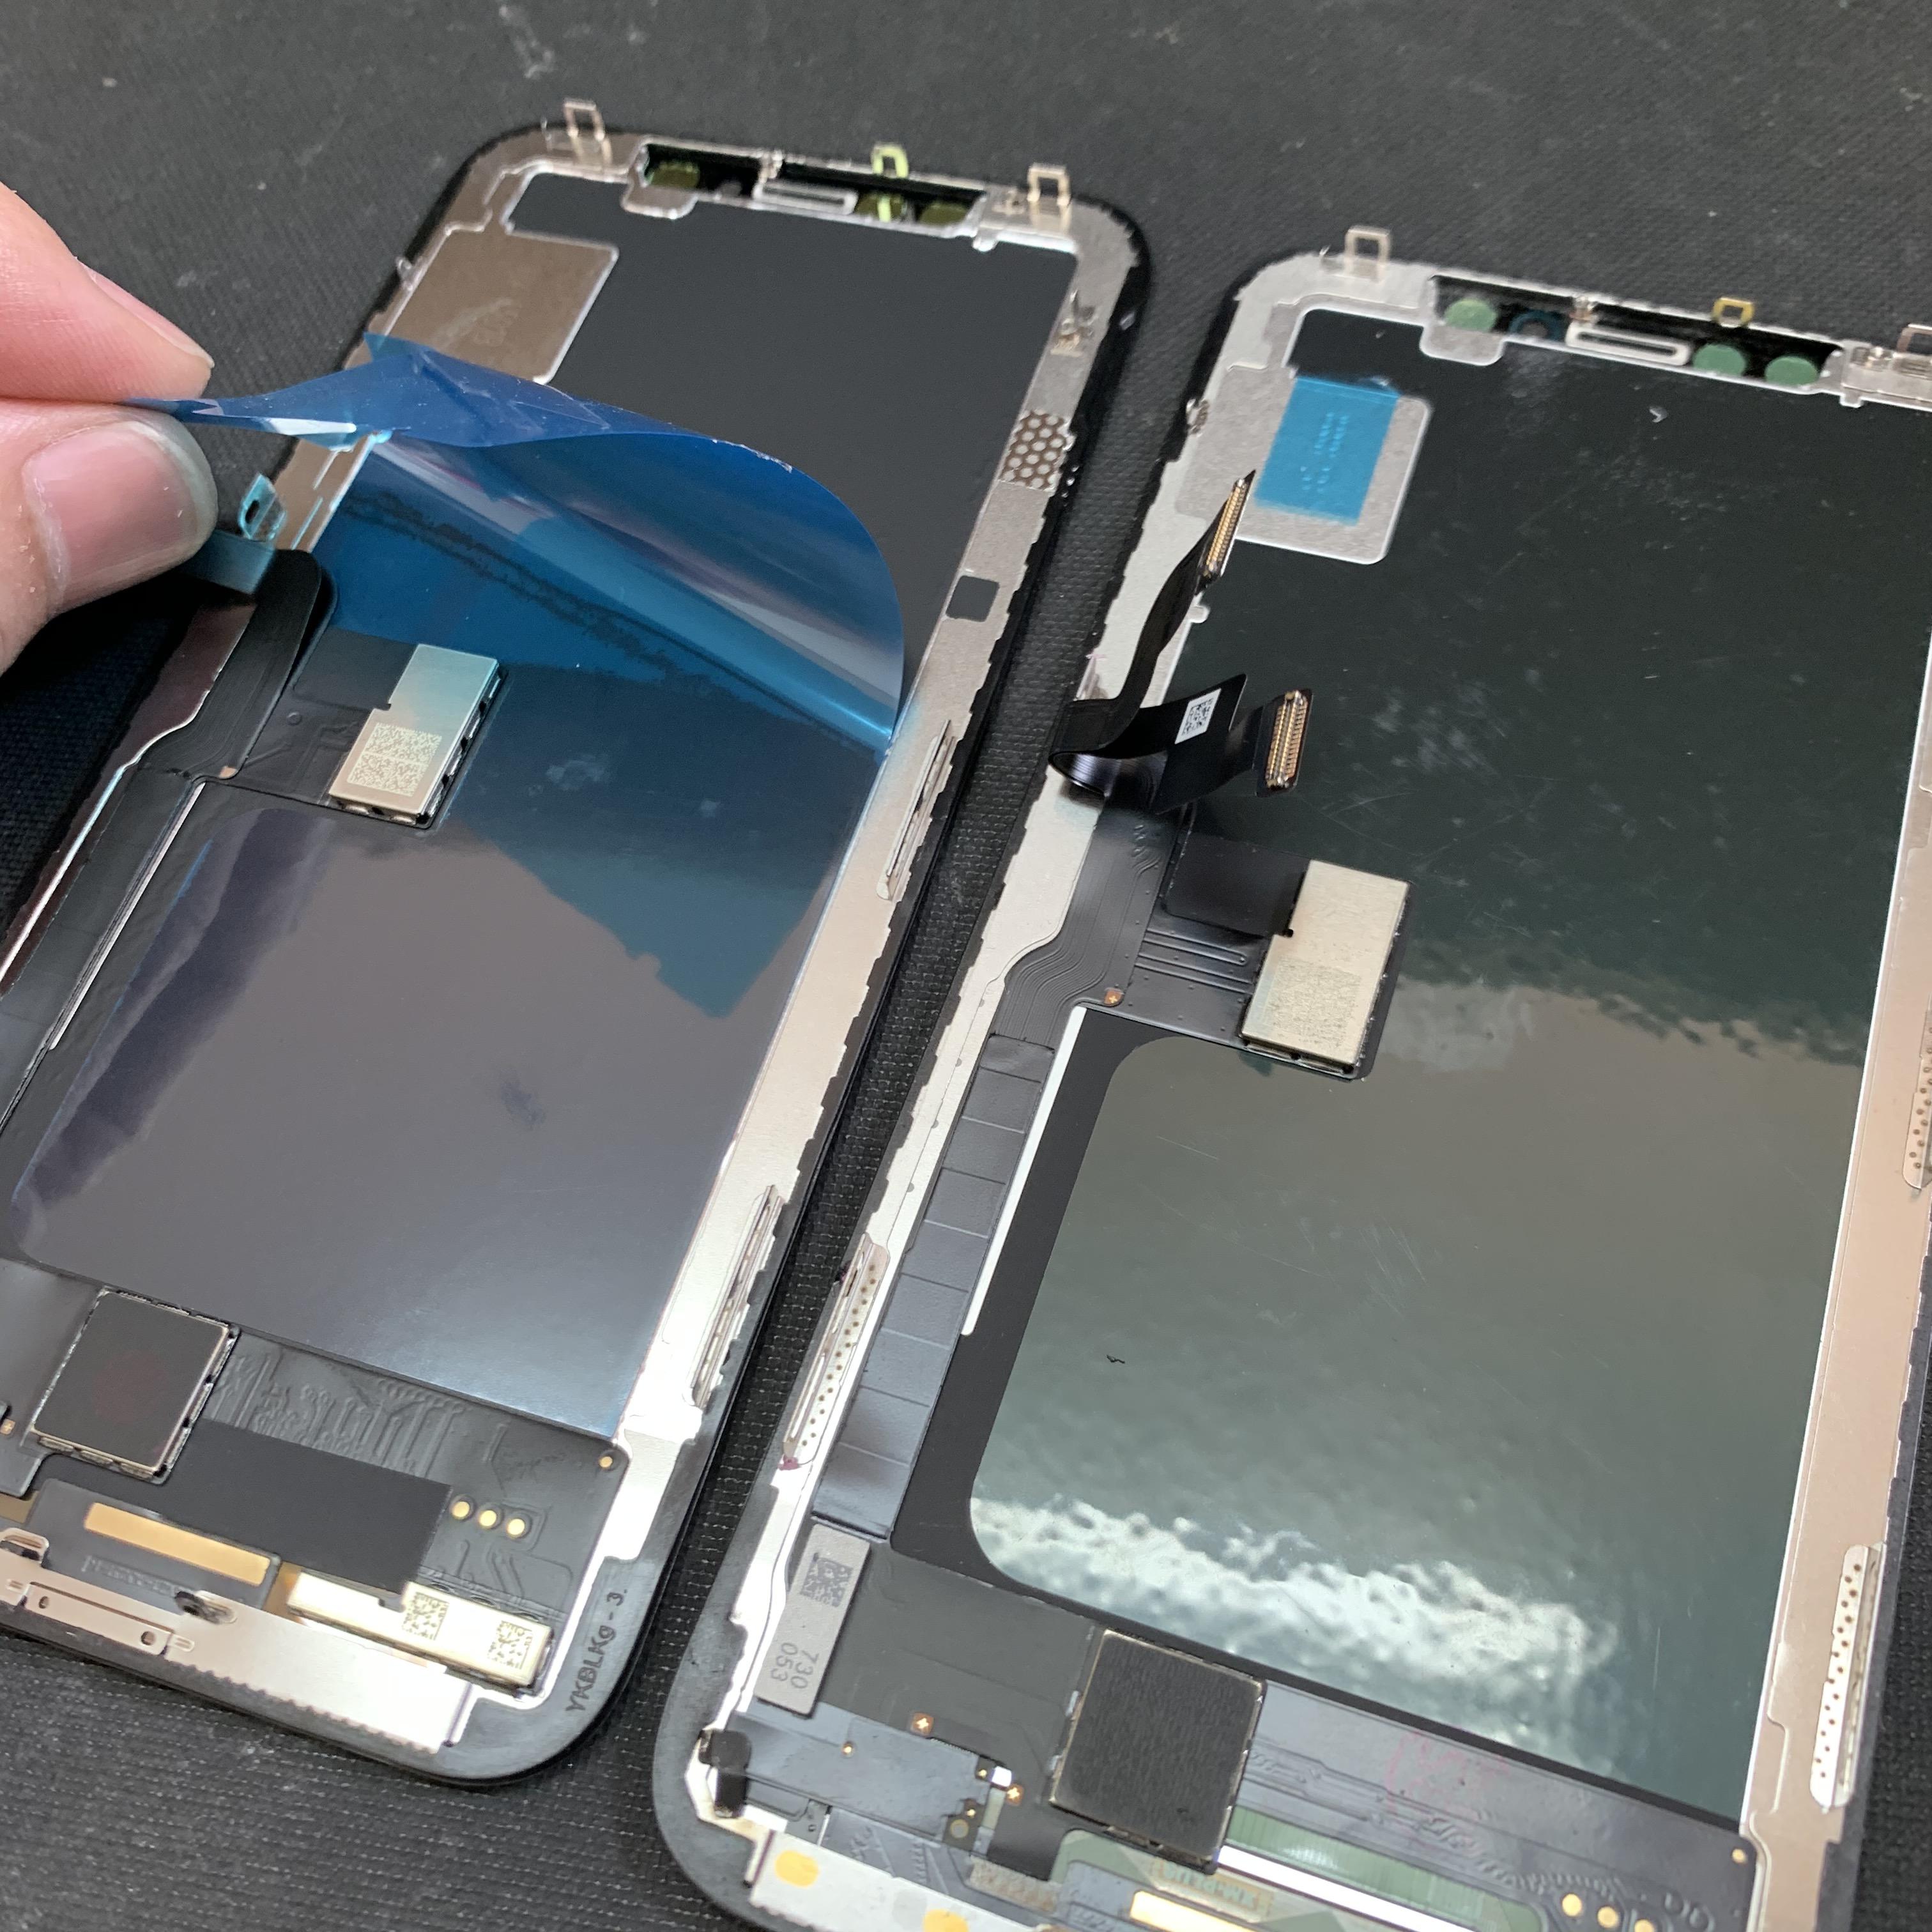 iPhoneXのフロントパネル裏面にある保護シート